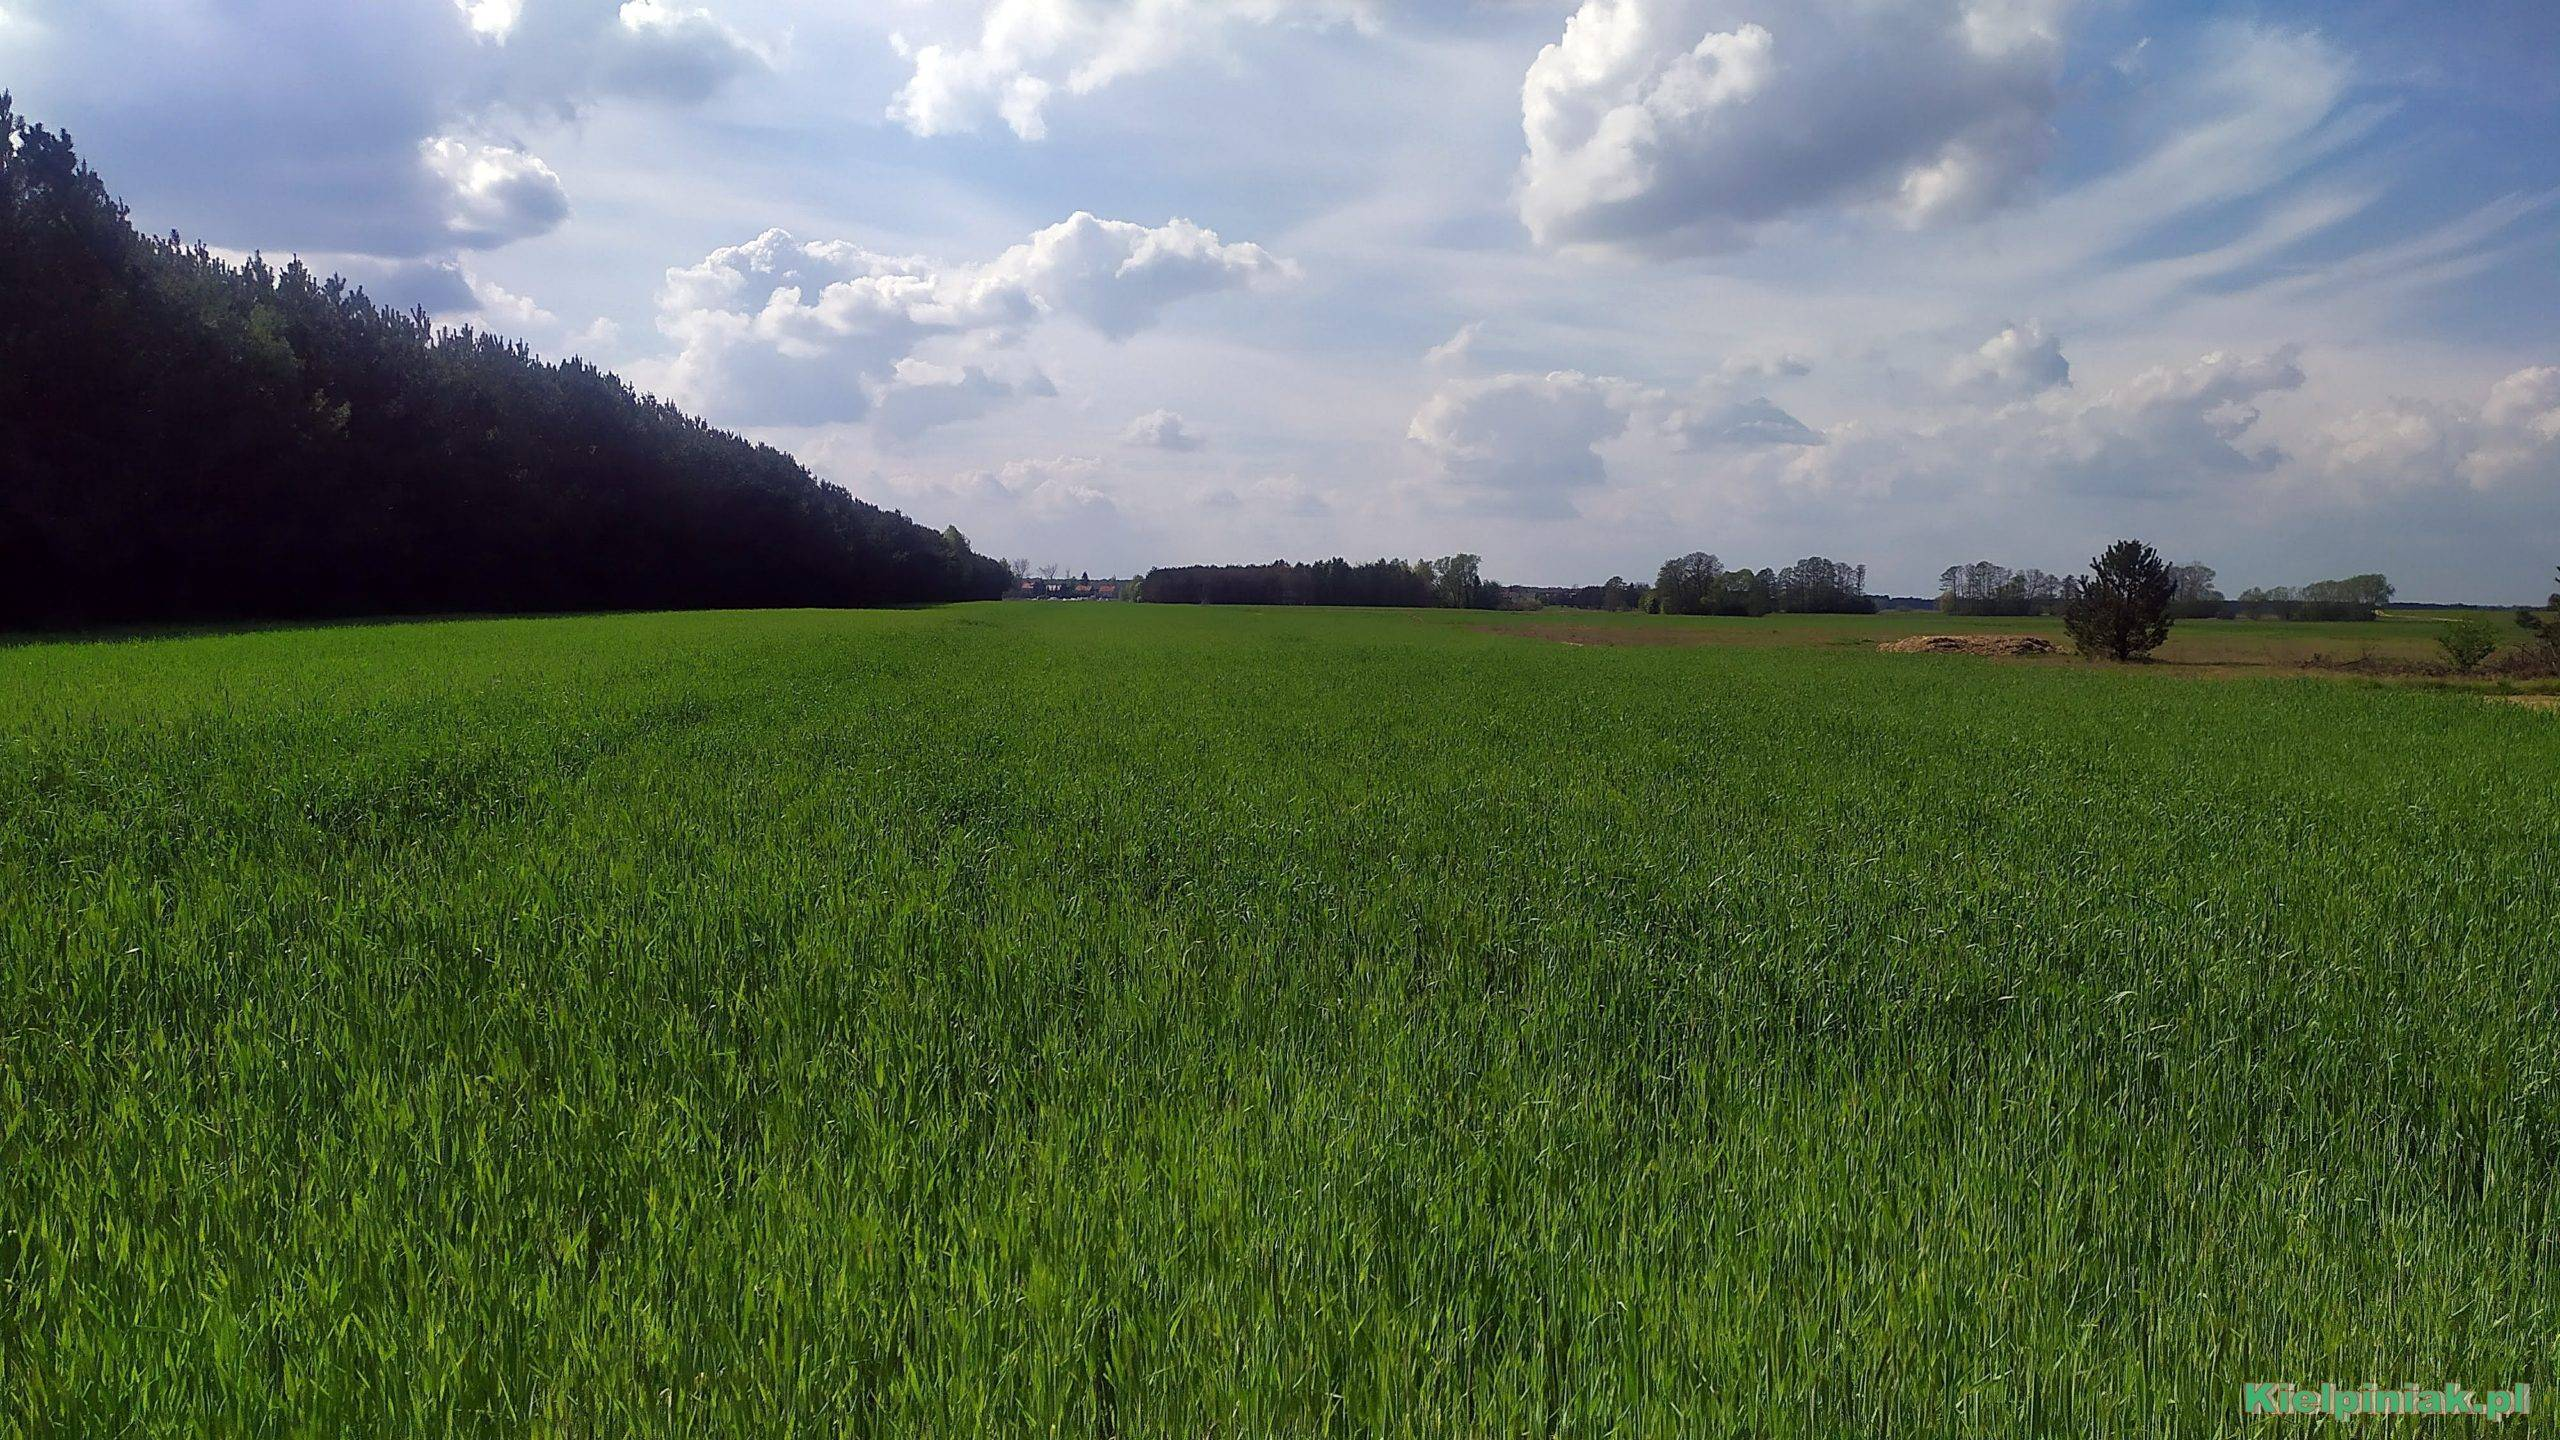 Polskie pola i łąki, NPK w okolicy kiełpińca ,a maj 2020